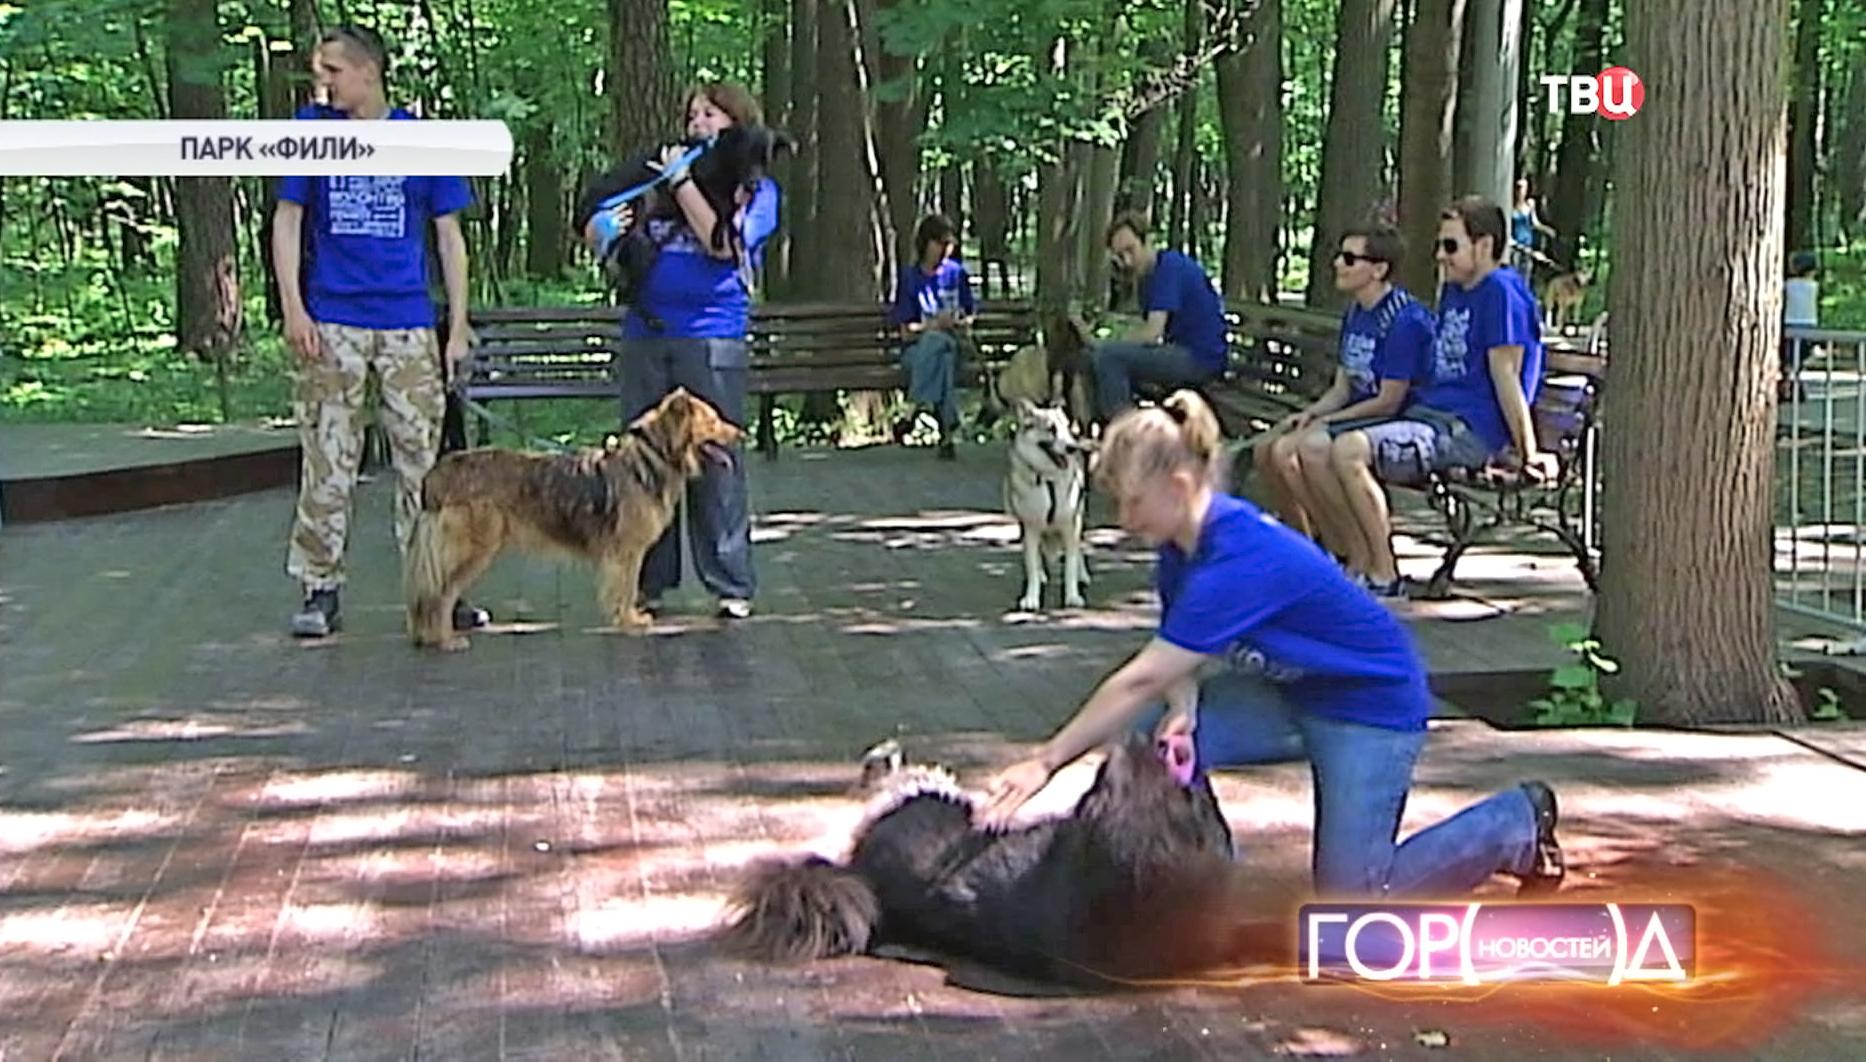 """Выставка собак из приюта в парке """"Фили"""""""